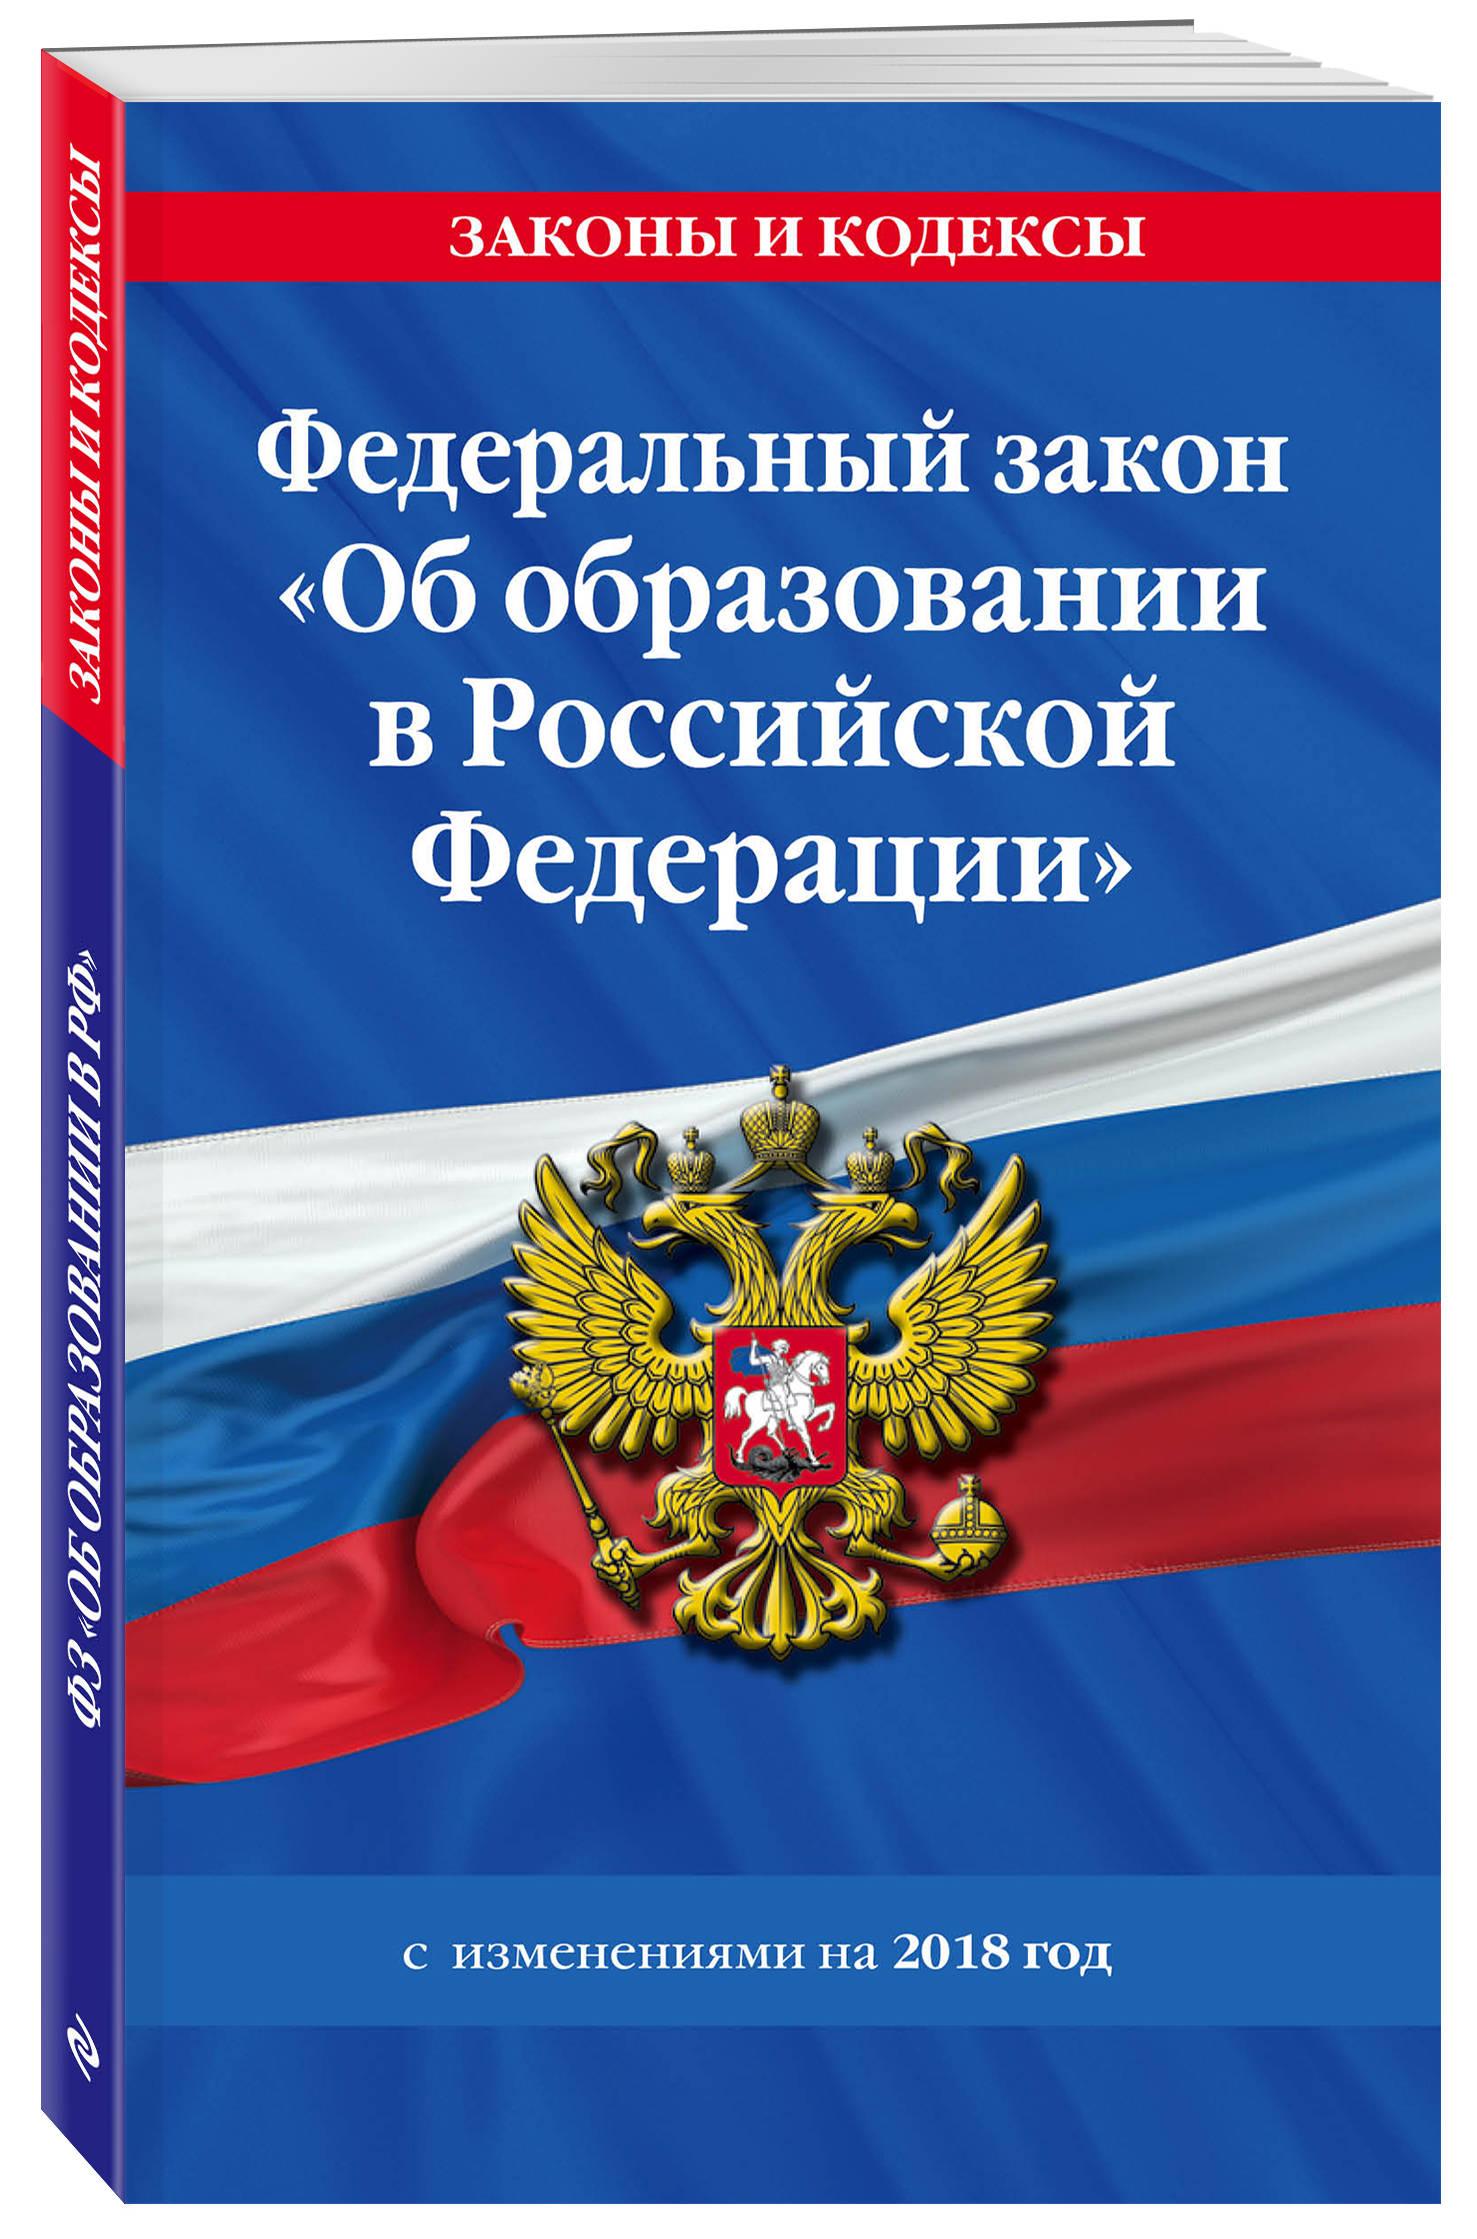 Новый федеральный закон об образовании в российской федерации 2017 года